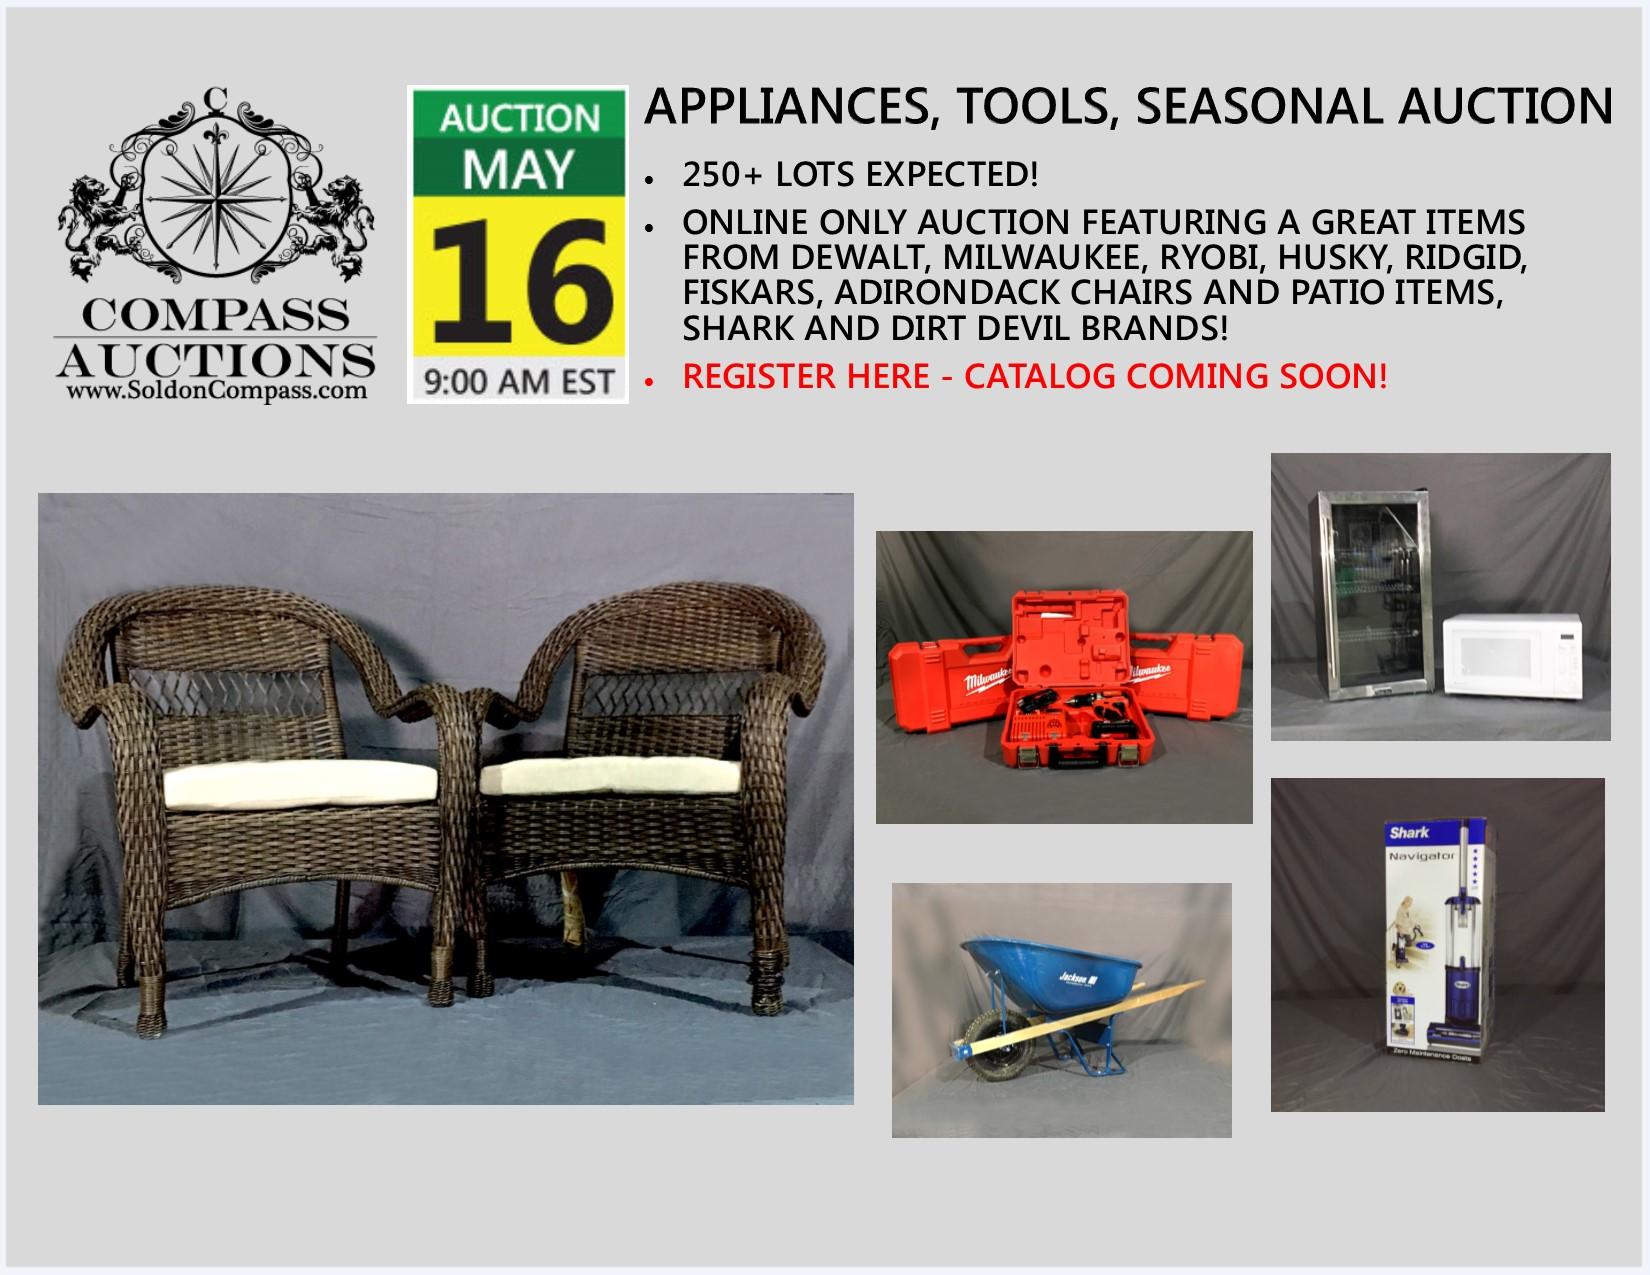 compass auctions public auction tools seasonal items appliances